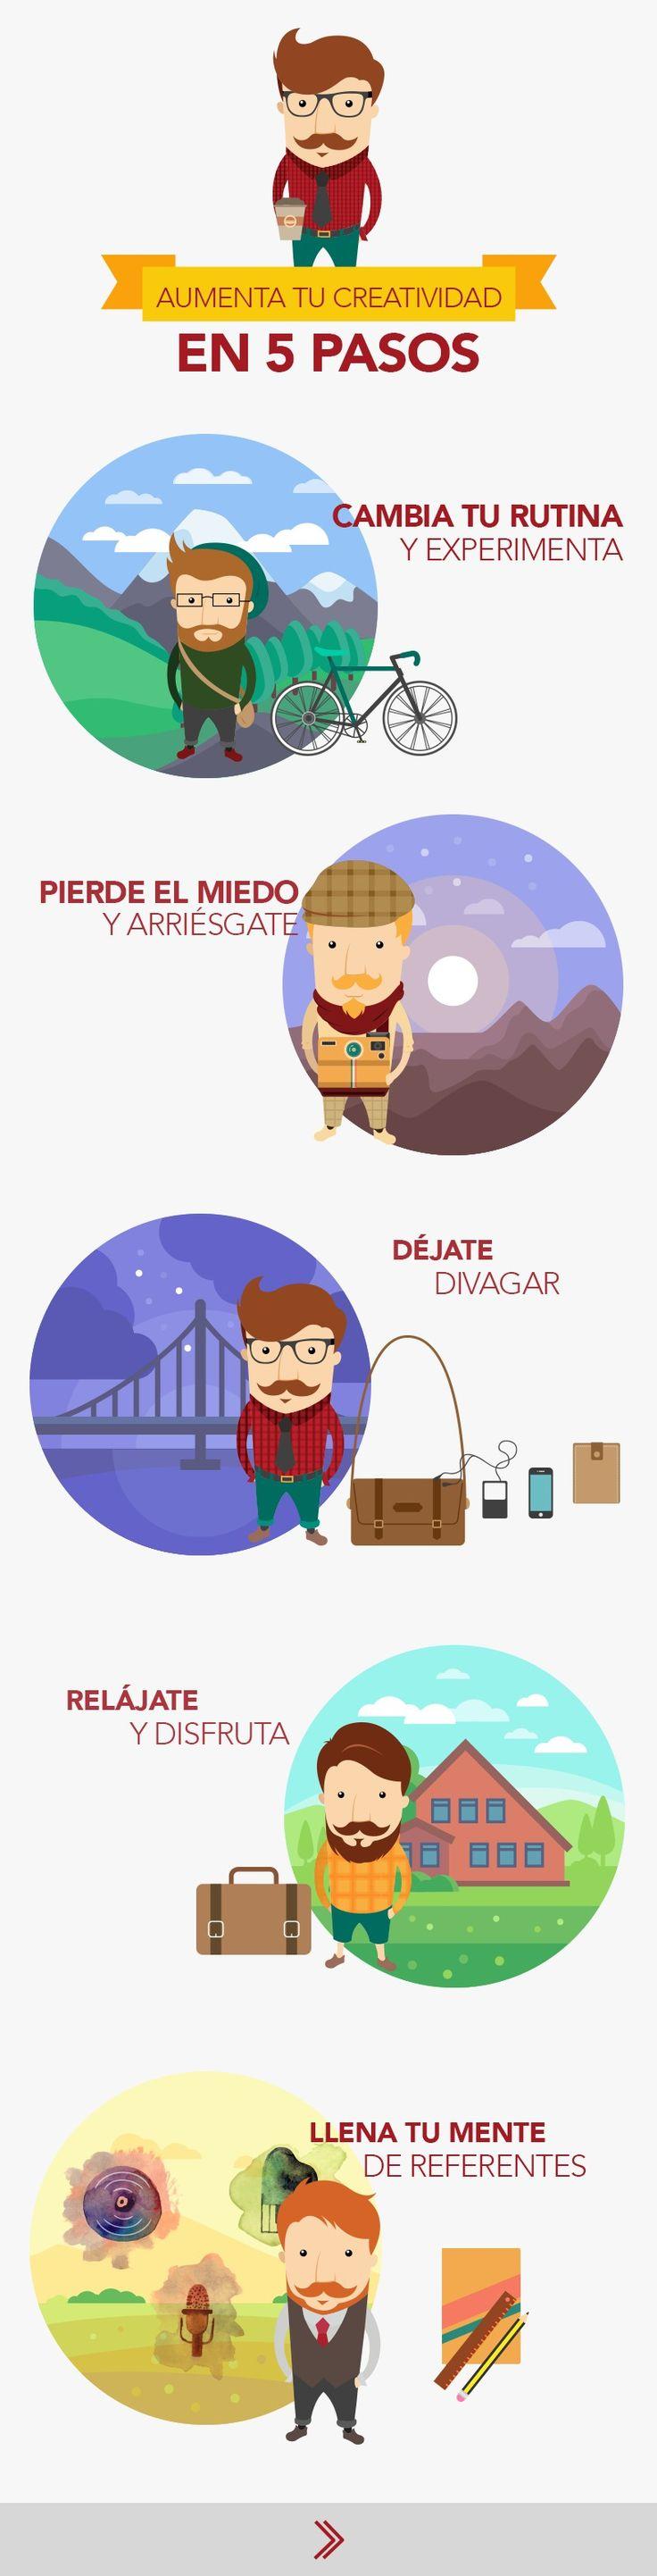 5 pasos para aumentar la creatividad #infografia